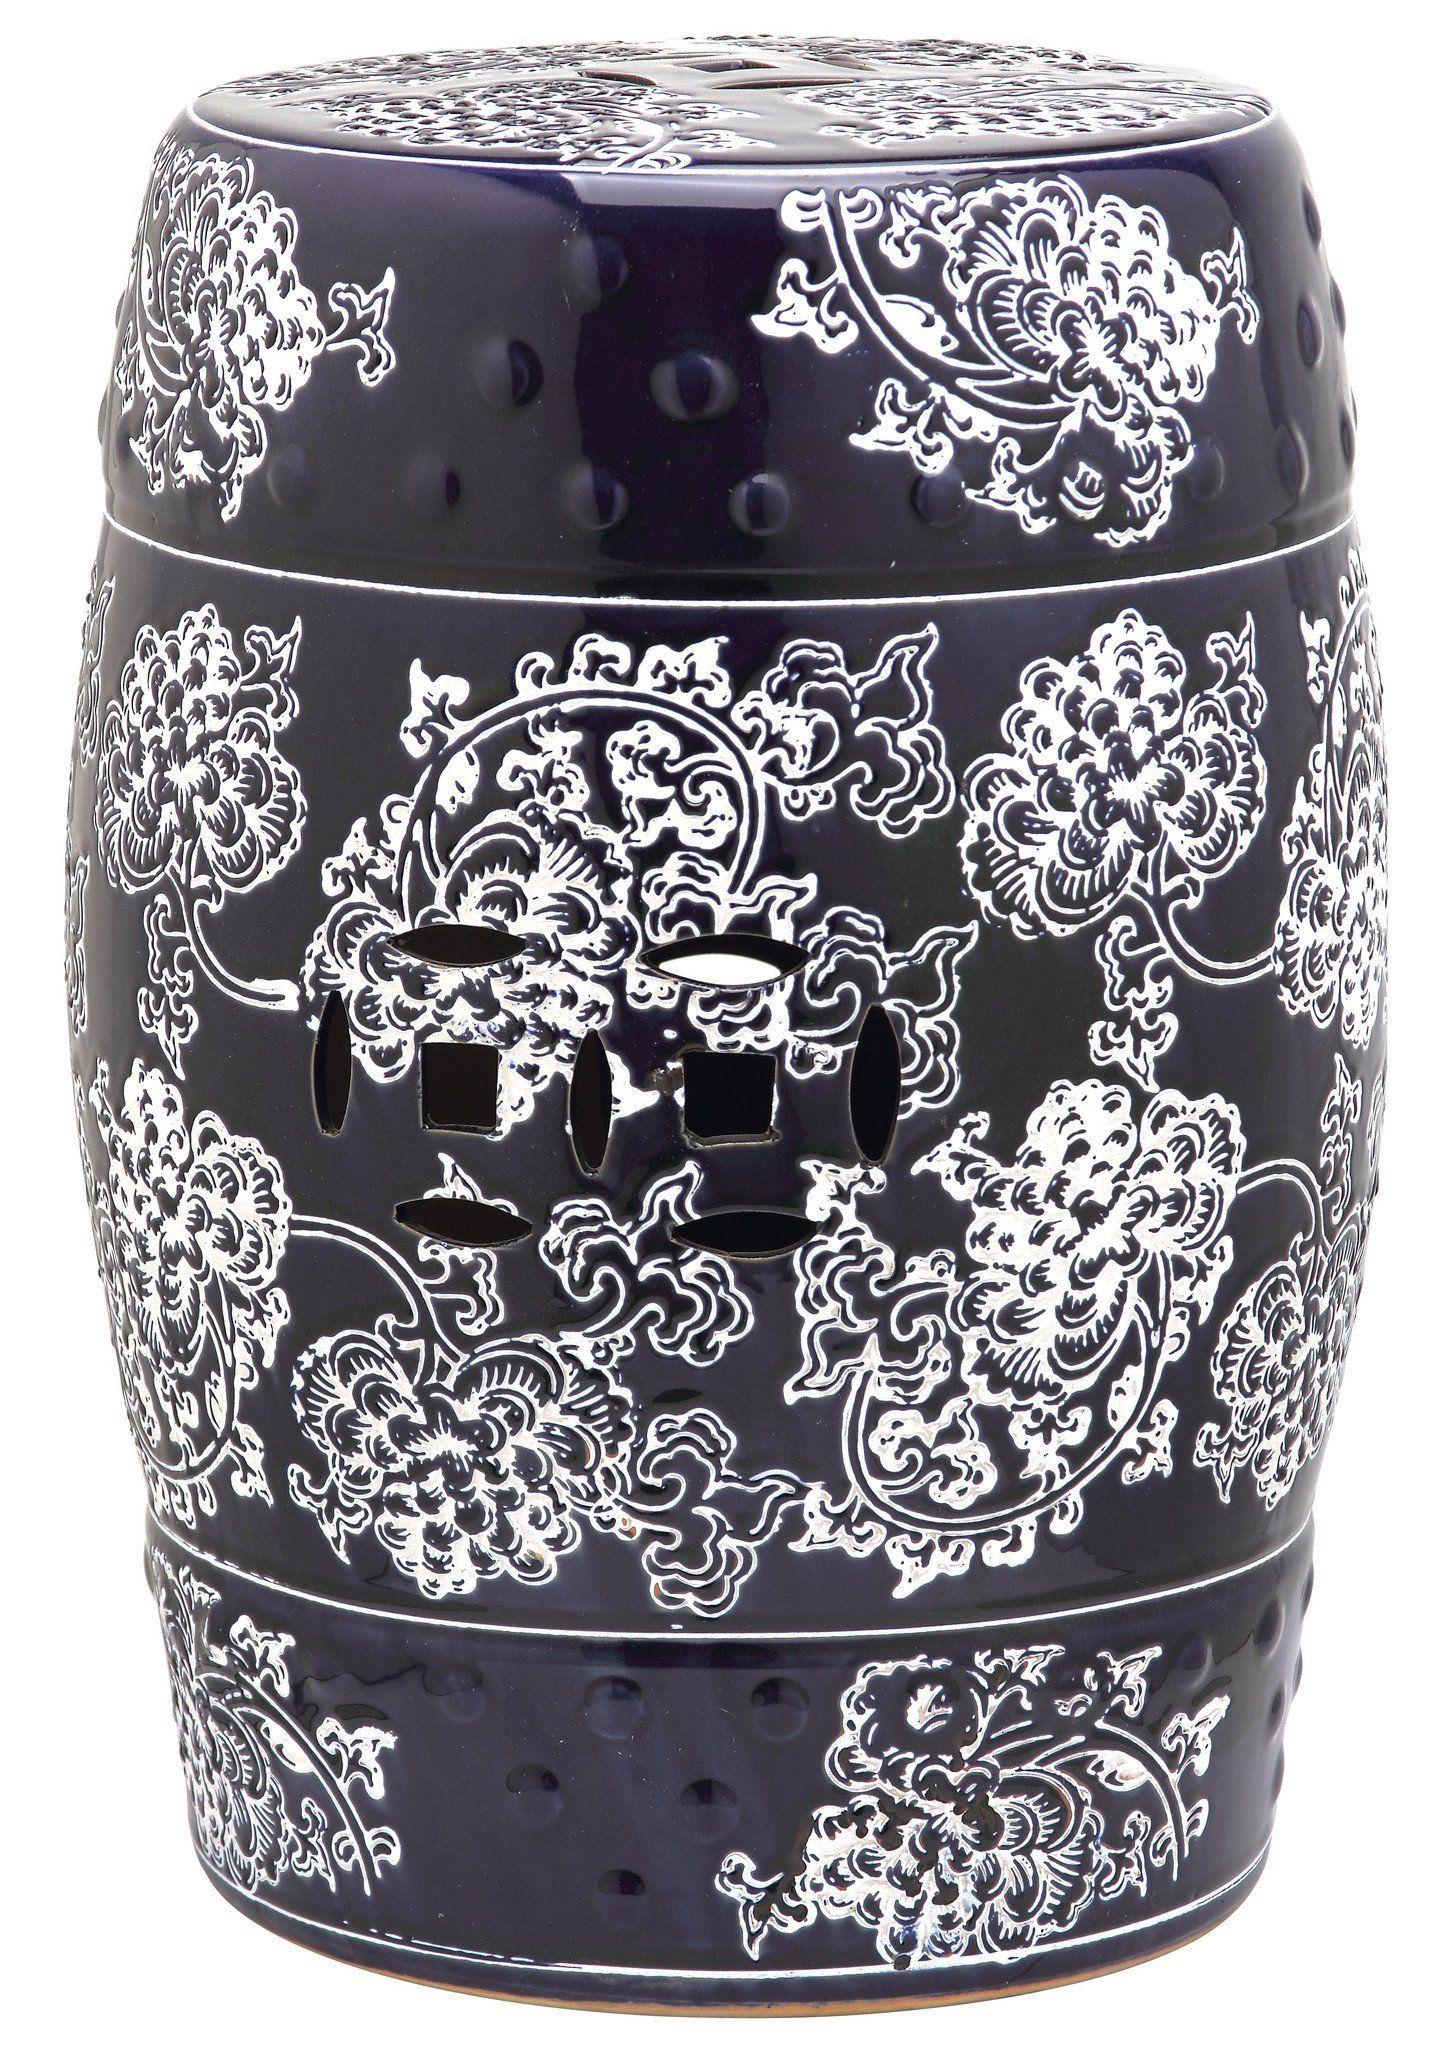 Navy & White Midnight Flower Garden Stool design by Safavieh